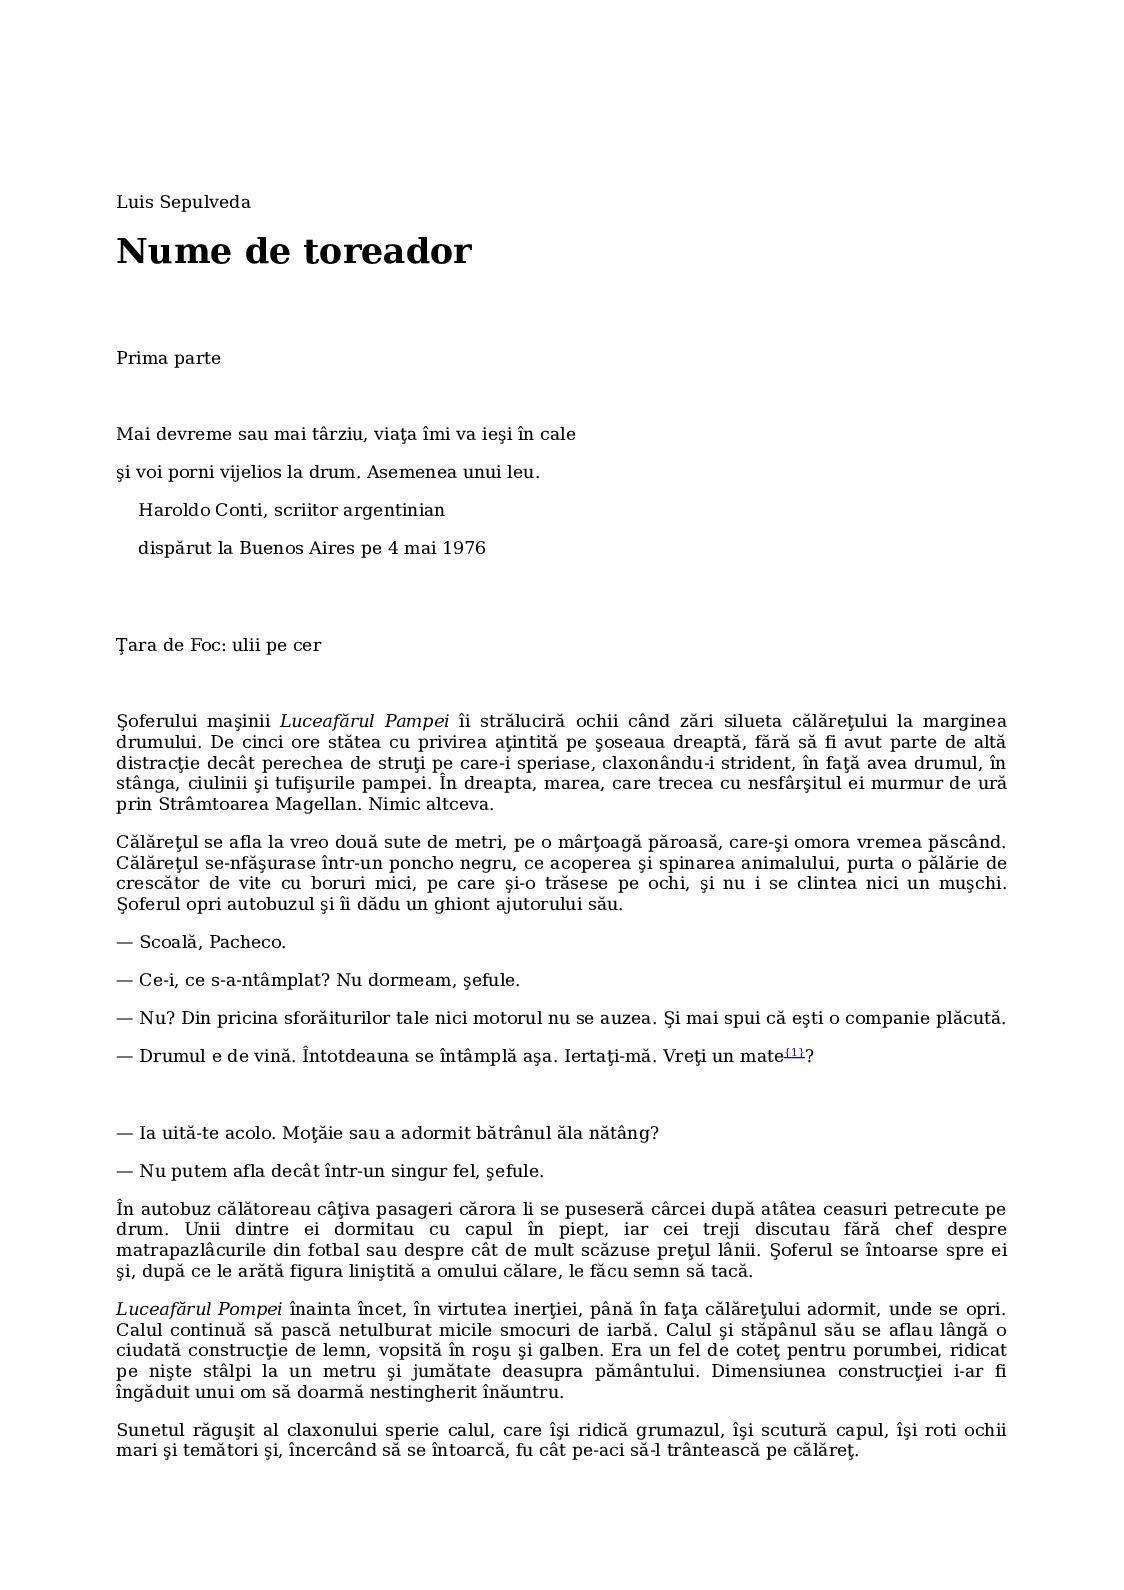 Testicul necoborat - criptorhidia